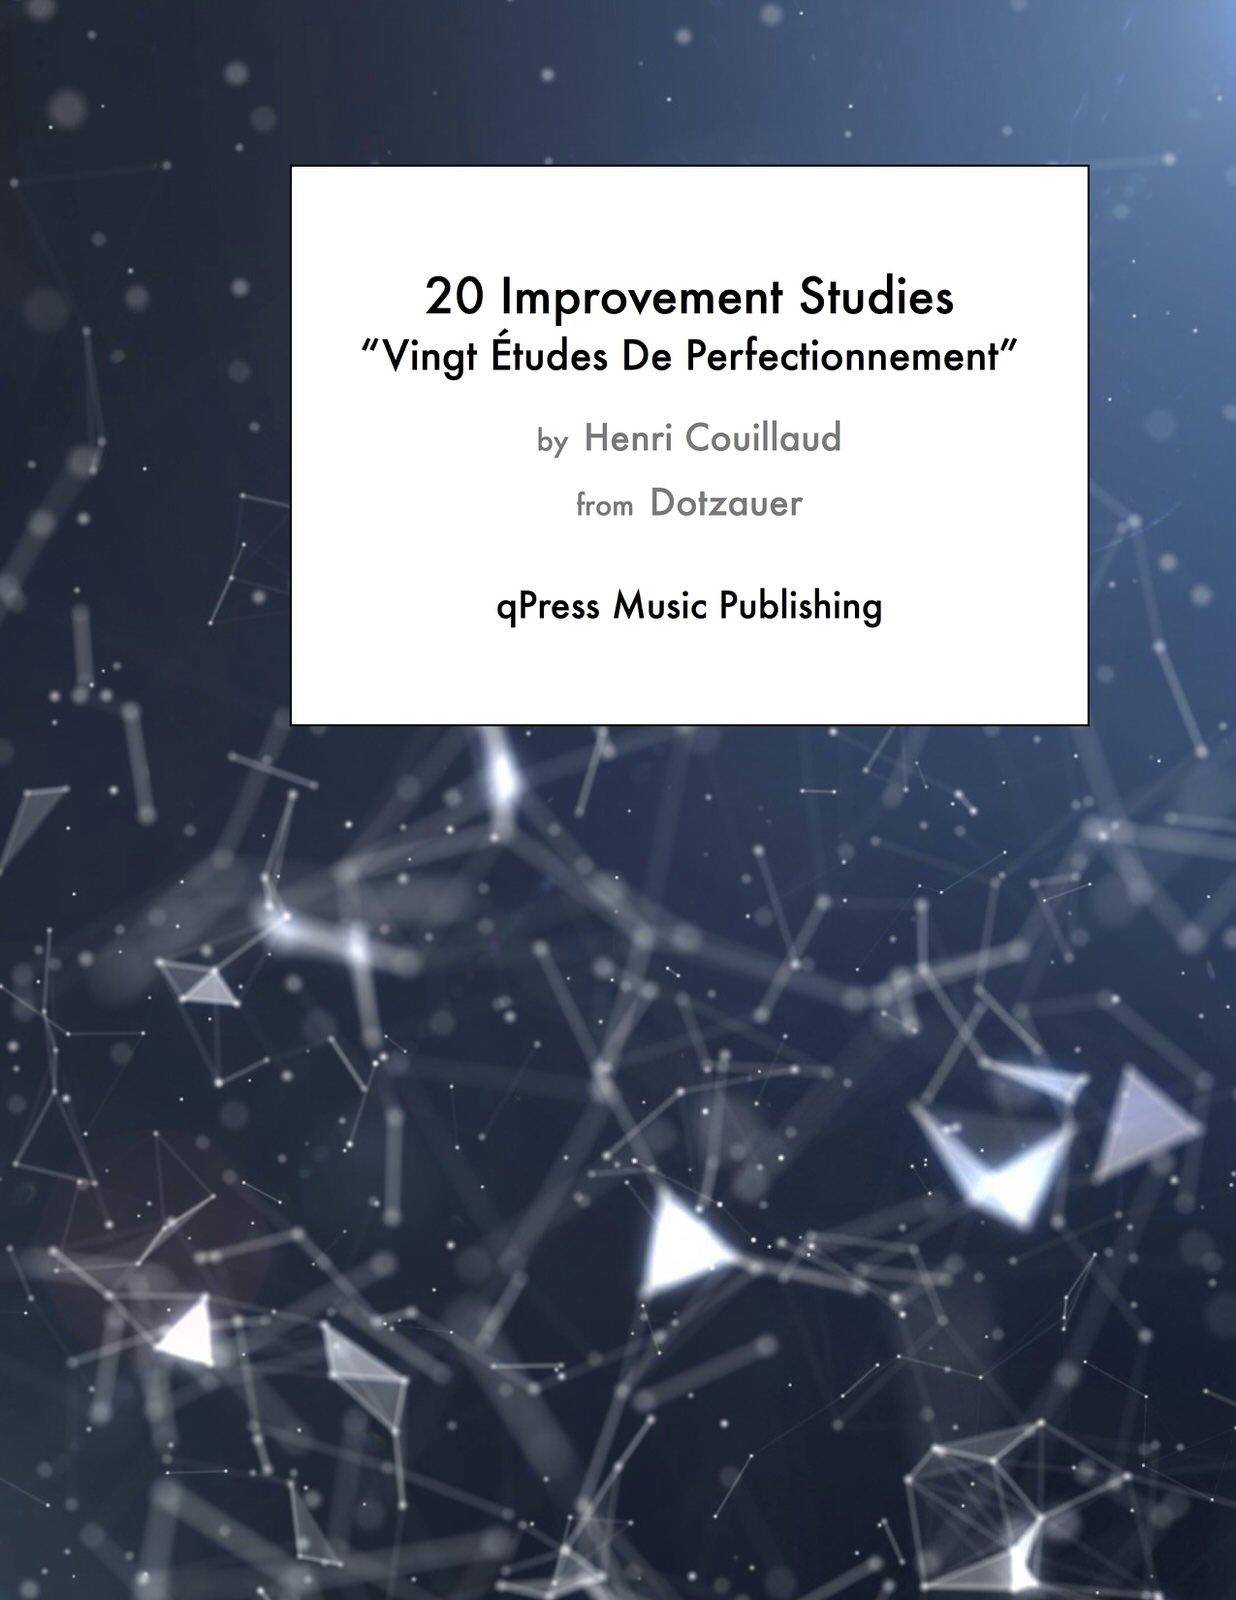 Couillaud, 20 Improvement Studies Vingt Etudes De Perfectionnement-p01